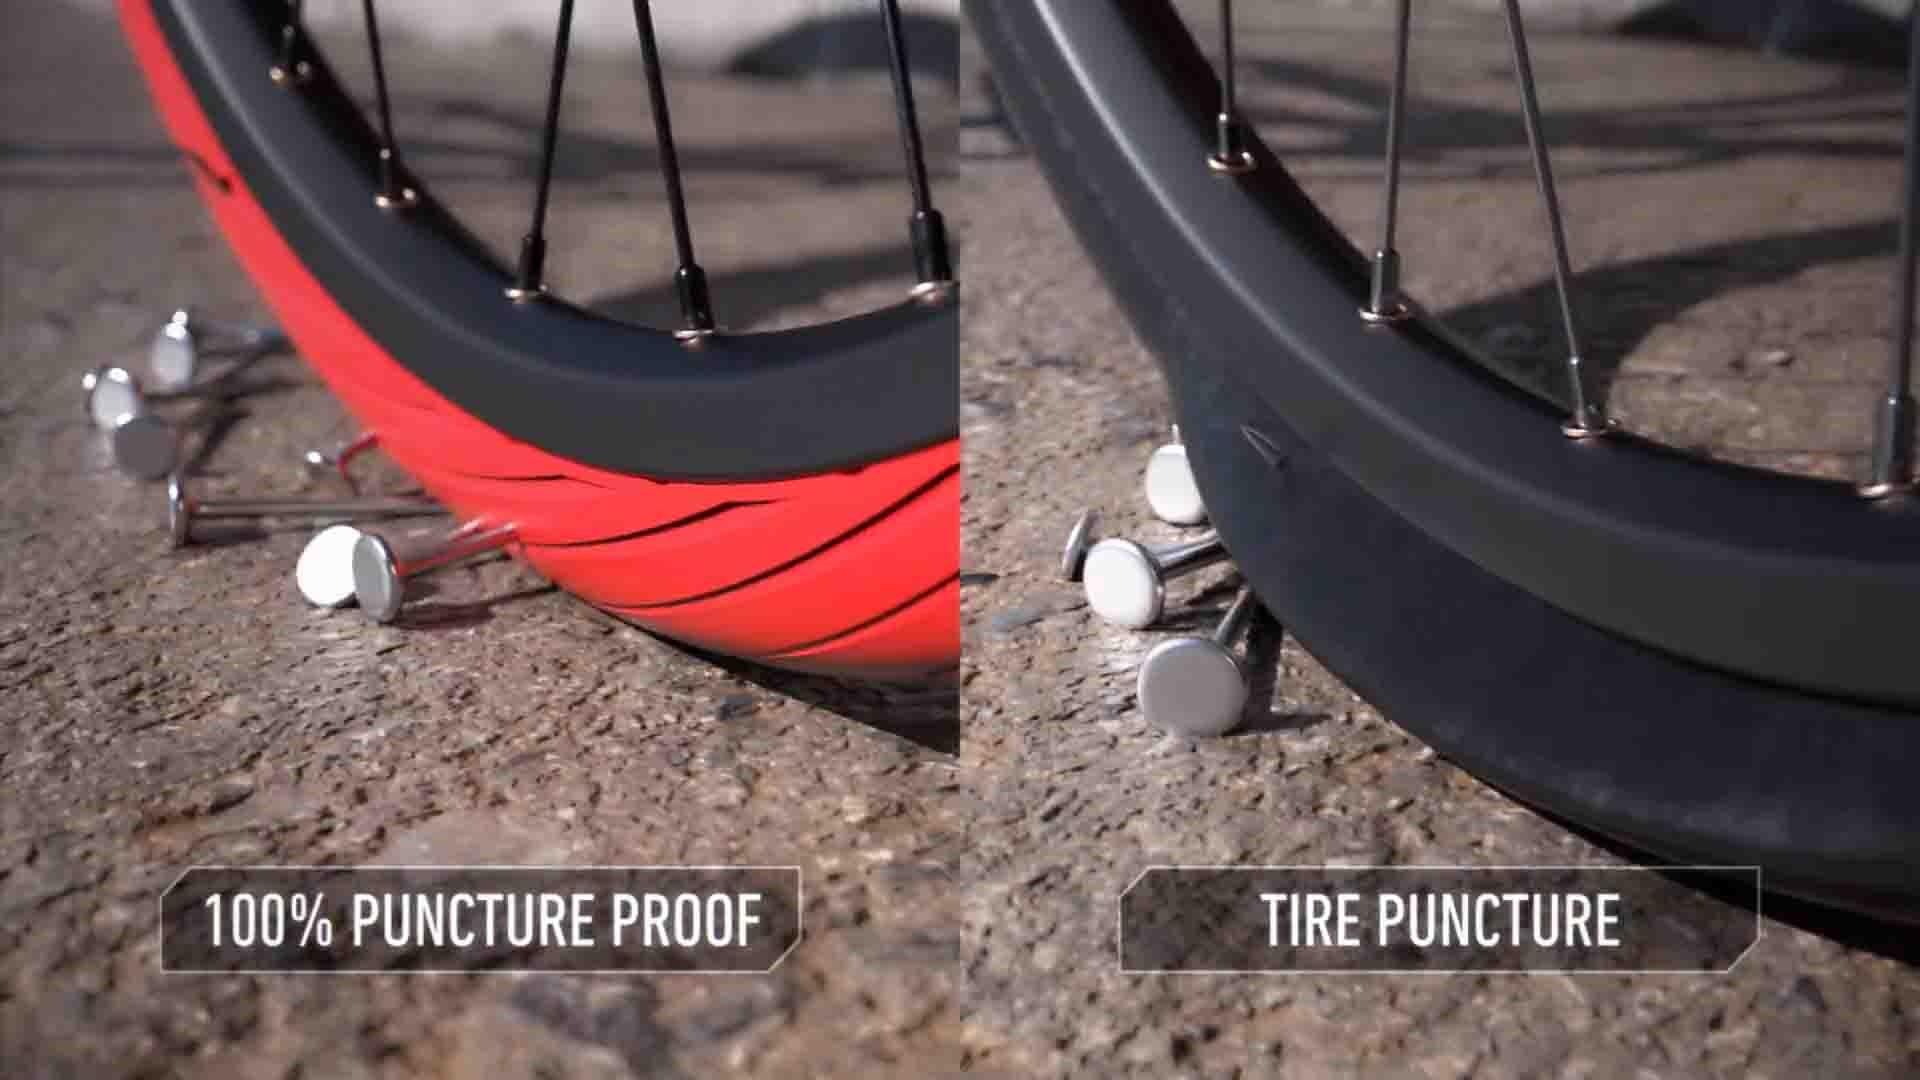 Tannus Airless Tires